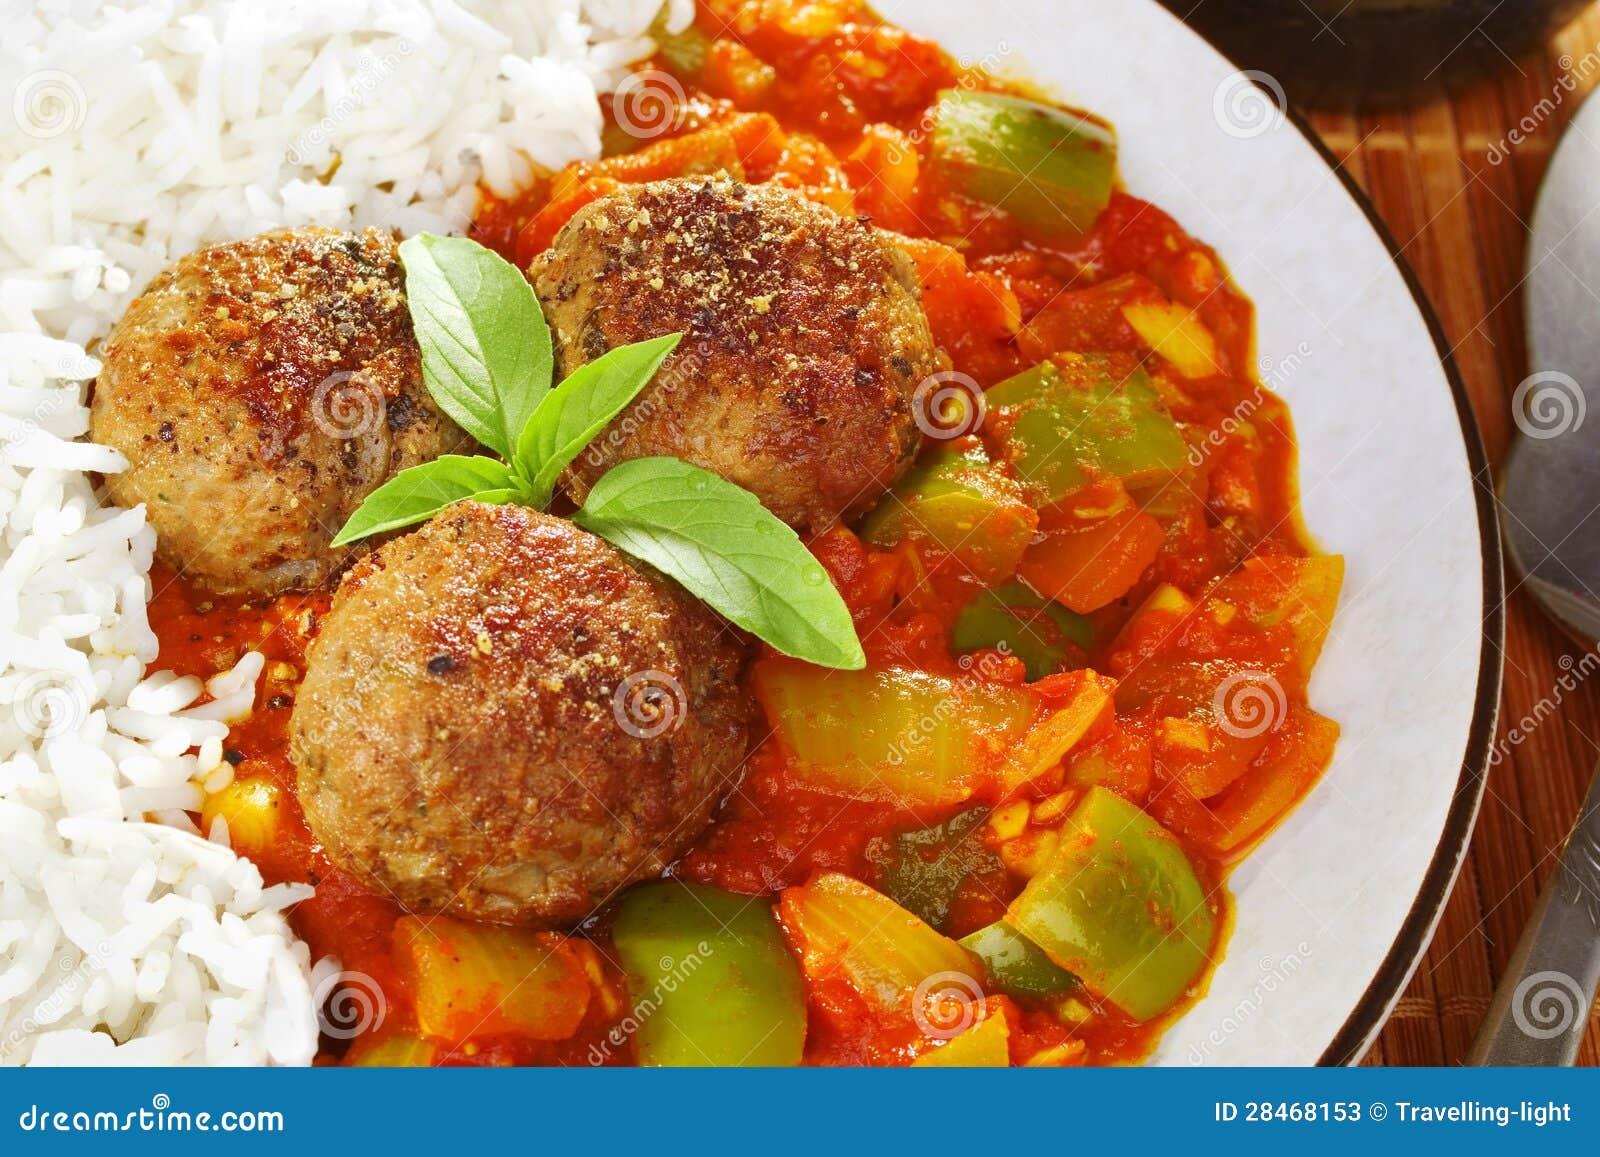 Sauce de boulette de viande et tomate indienne image stock image du basilic tomate 28468153 - Boulette de viande en sauce ...